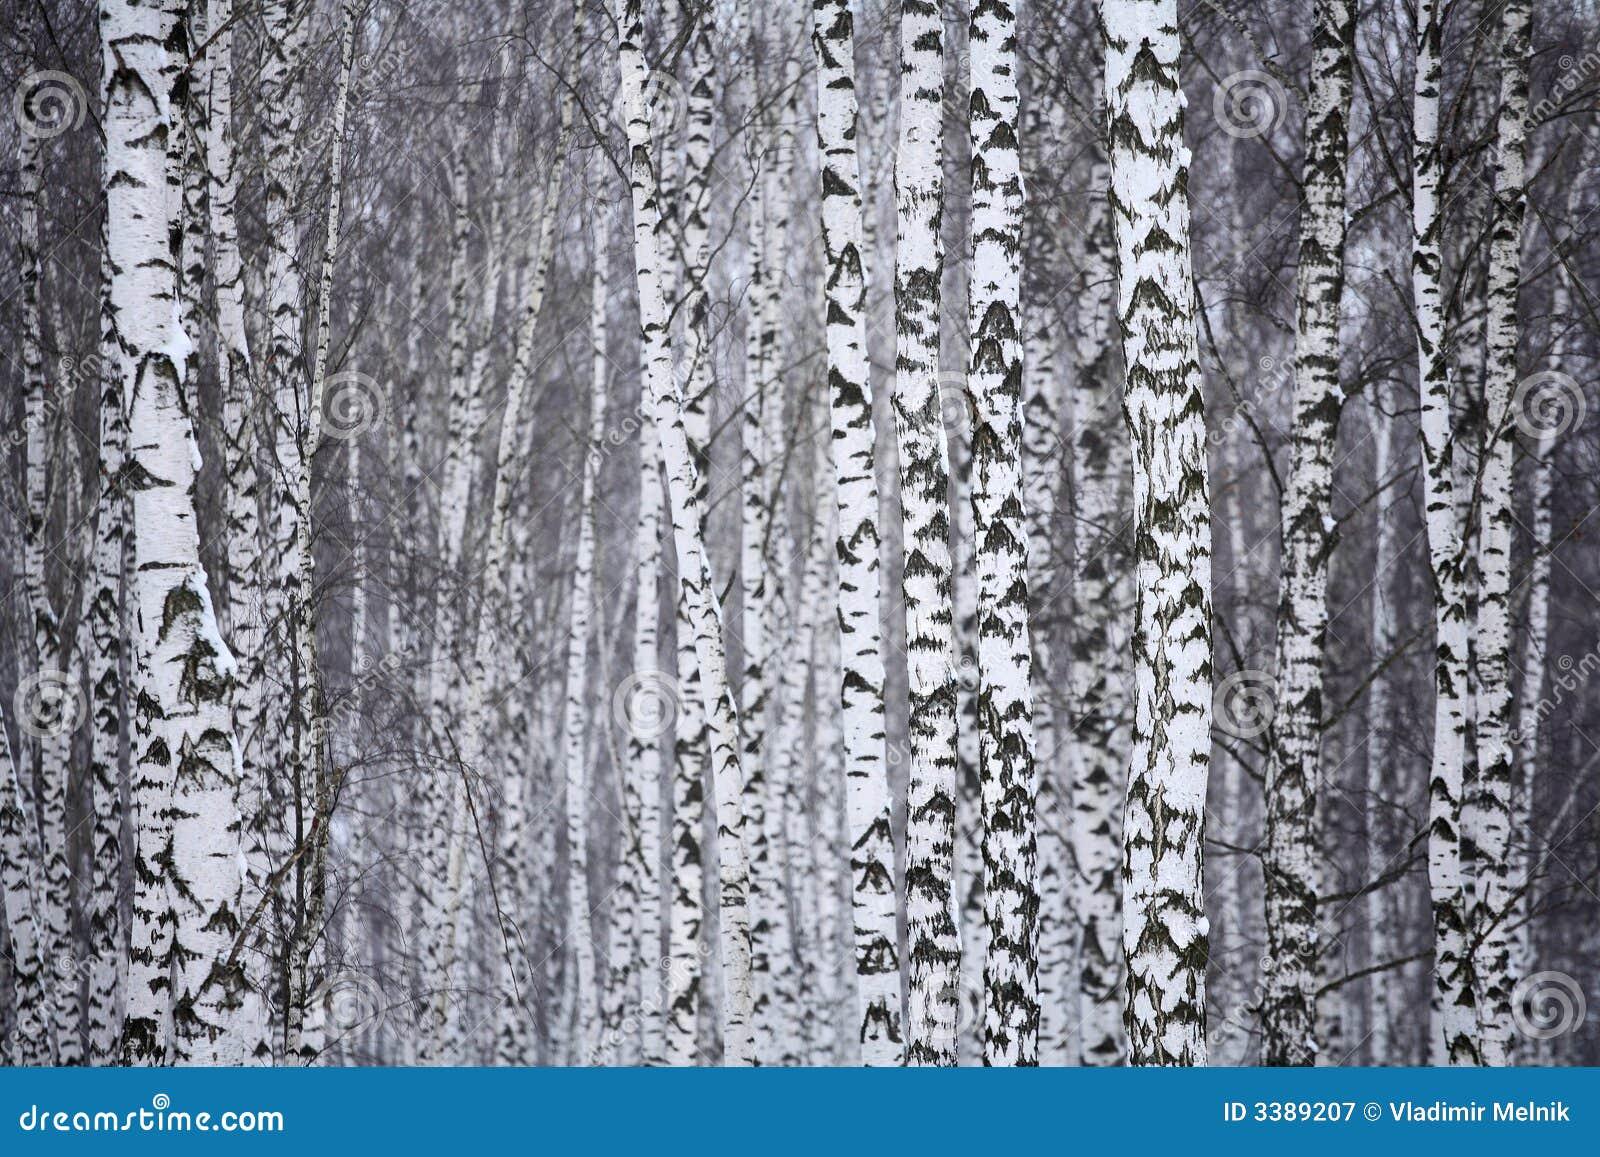 Bois De Bouleau En Hiver Russie Photographie stock libre de droits Image 3389207 # Bois De Bouleau Utilisation